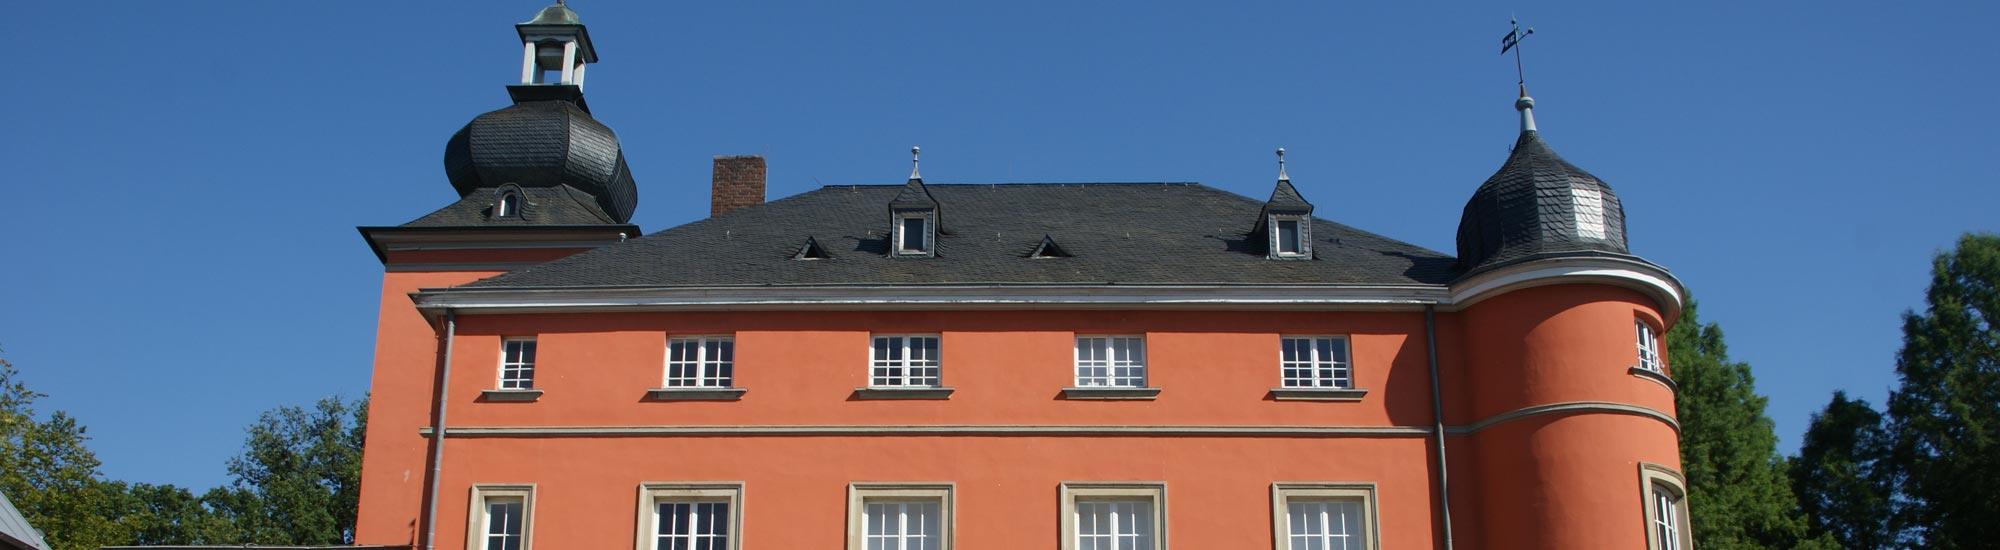 Städtepartnerschaftsverein Troisdorf e.V.